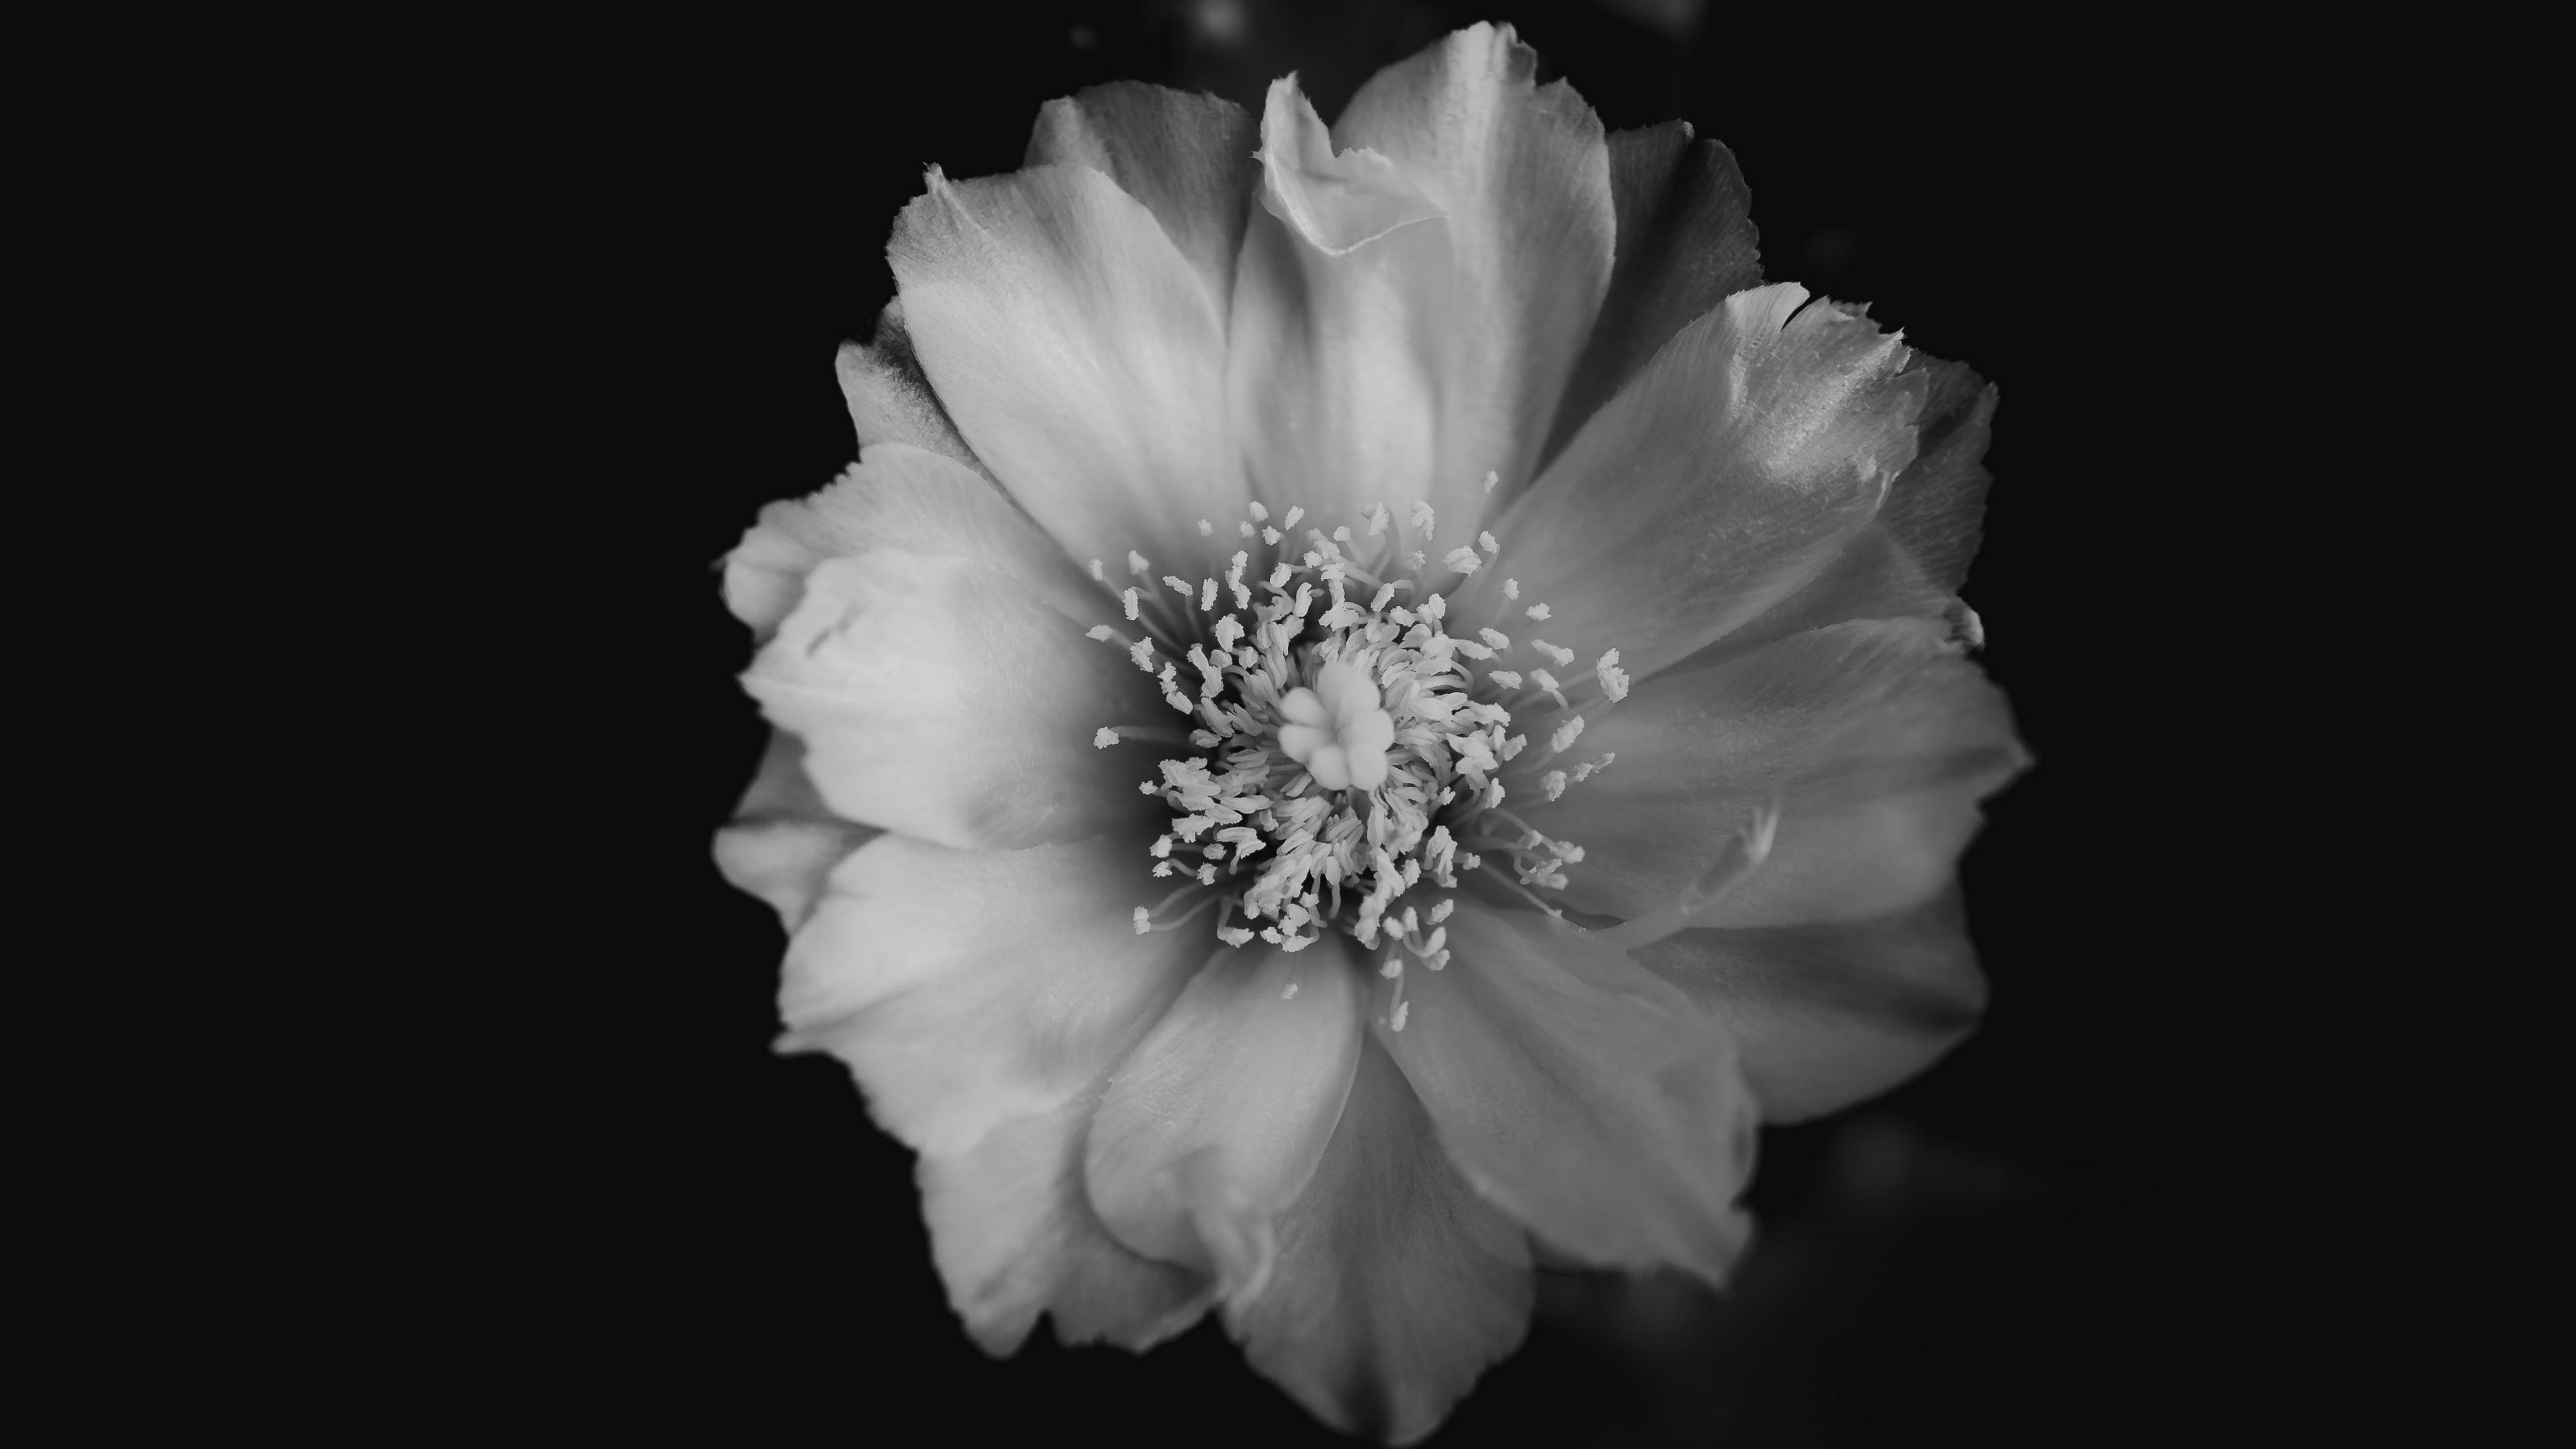 flower bw bud petals 4k 1540064562 - flower, bw, bud, petals 4k - flower, bw, bud